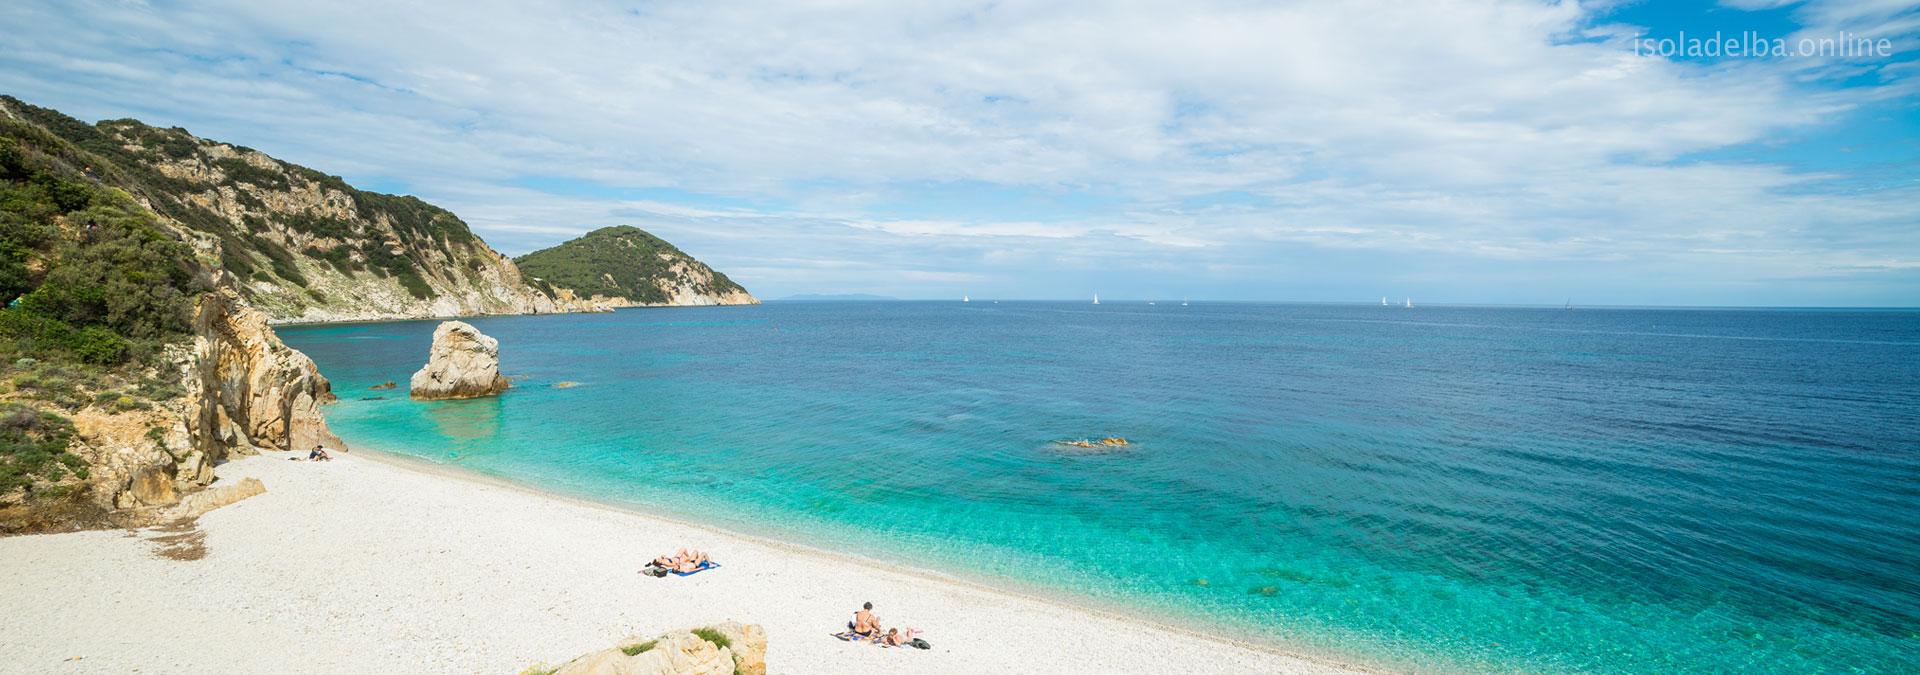 Isola d'Elba Marciana